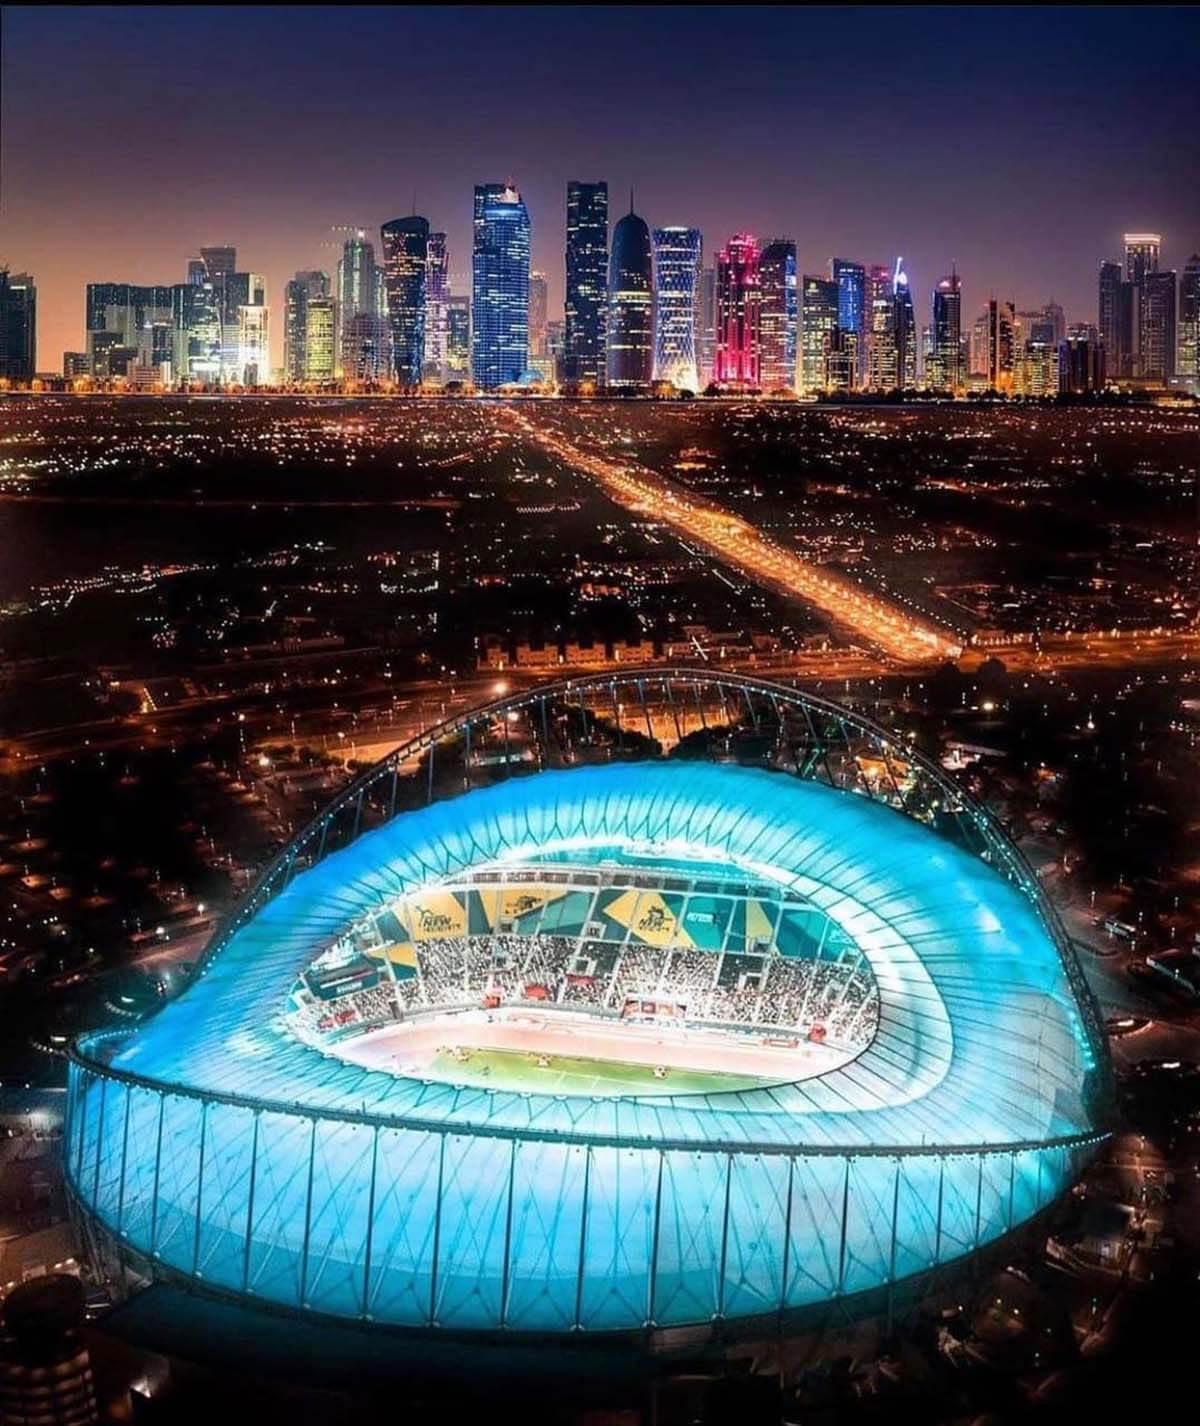 جام جهانی 2022 قطر؛ فرصت طلبی یا فرصت سوزی؟